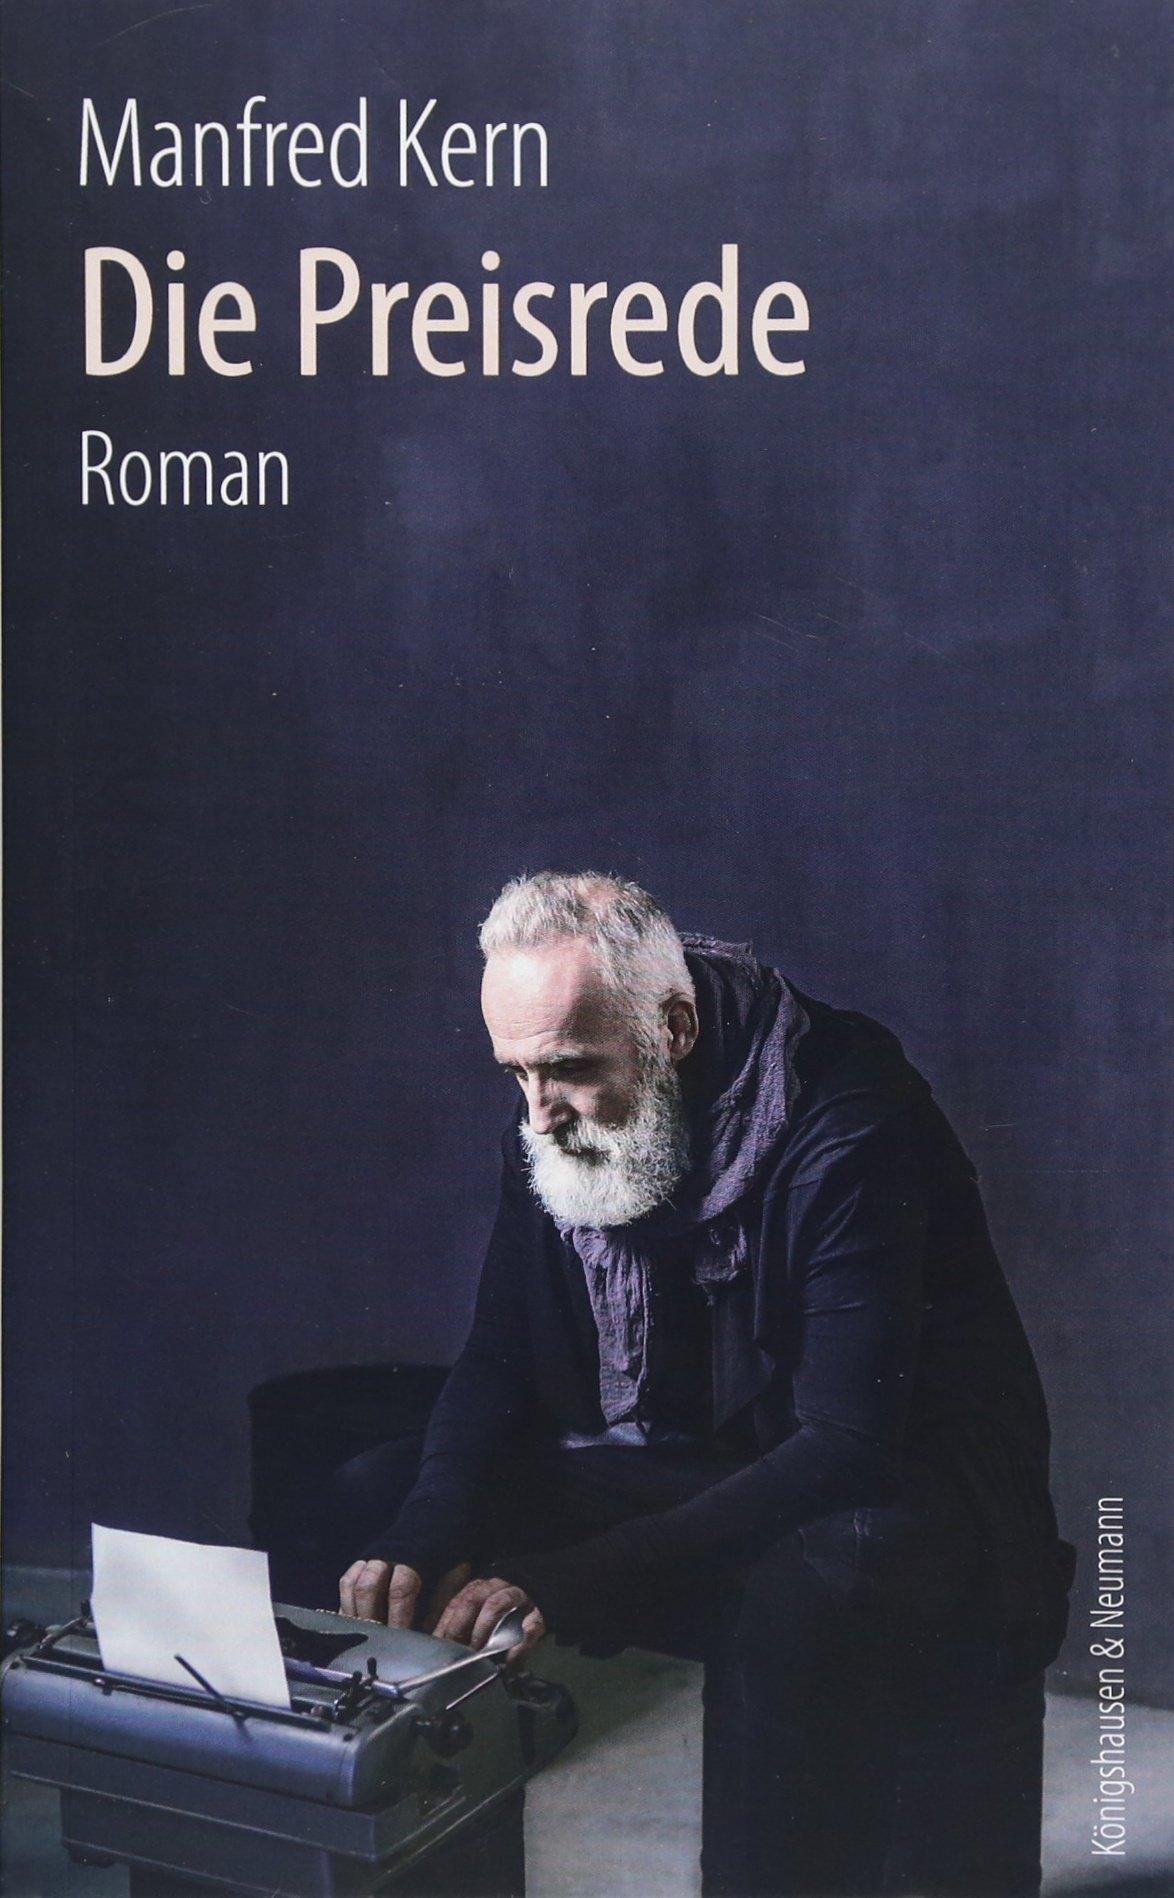 Die Preisrede: Roman: Amazon.de: Manfred Kern: Bücher